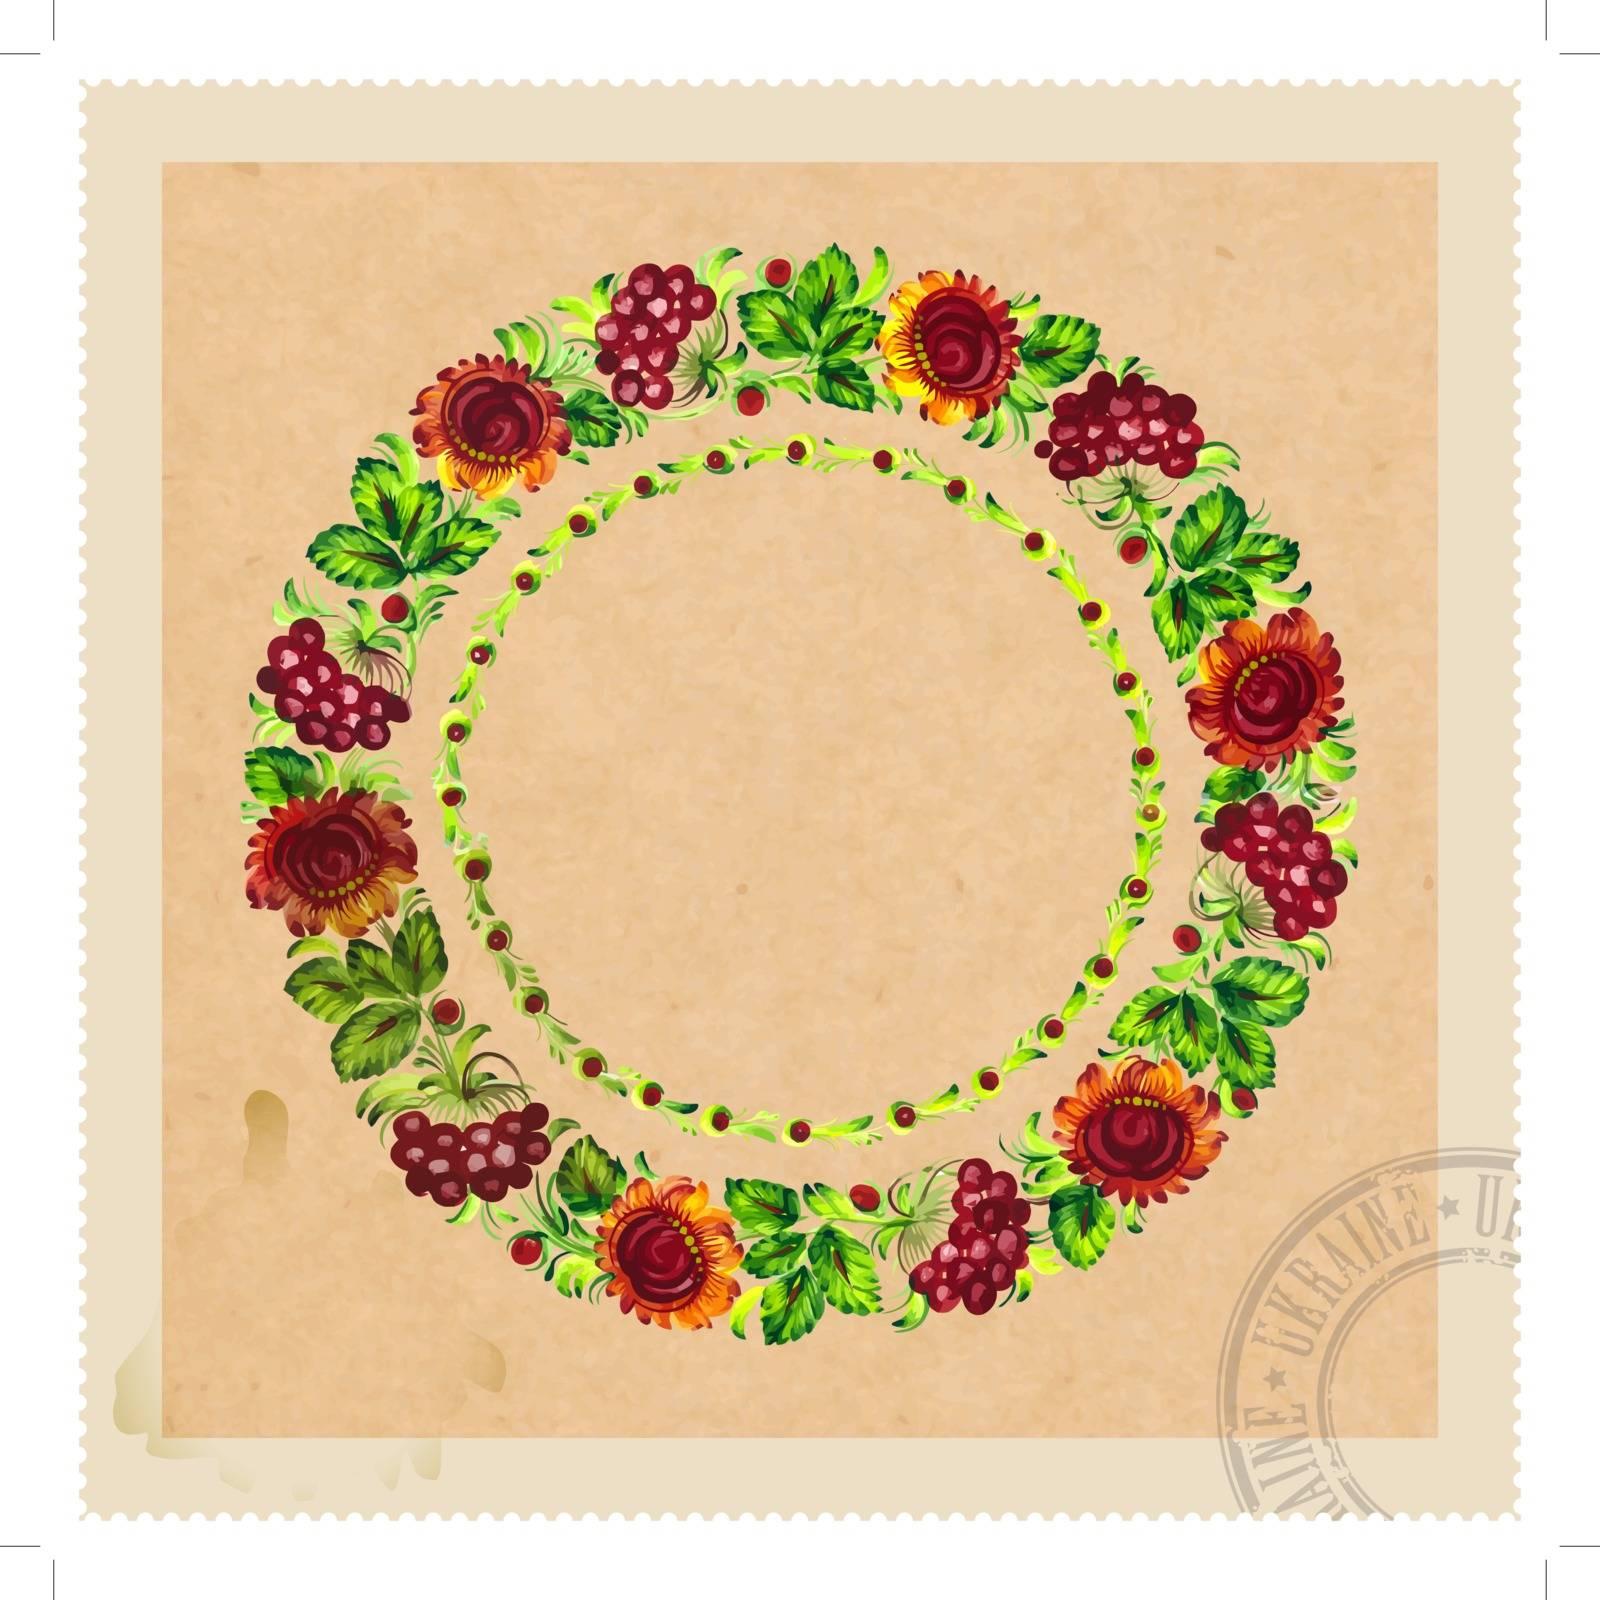 vintage floral stamp in Ukrainian folk style